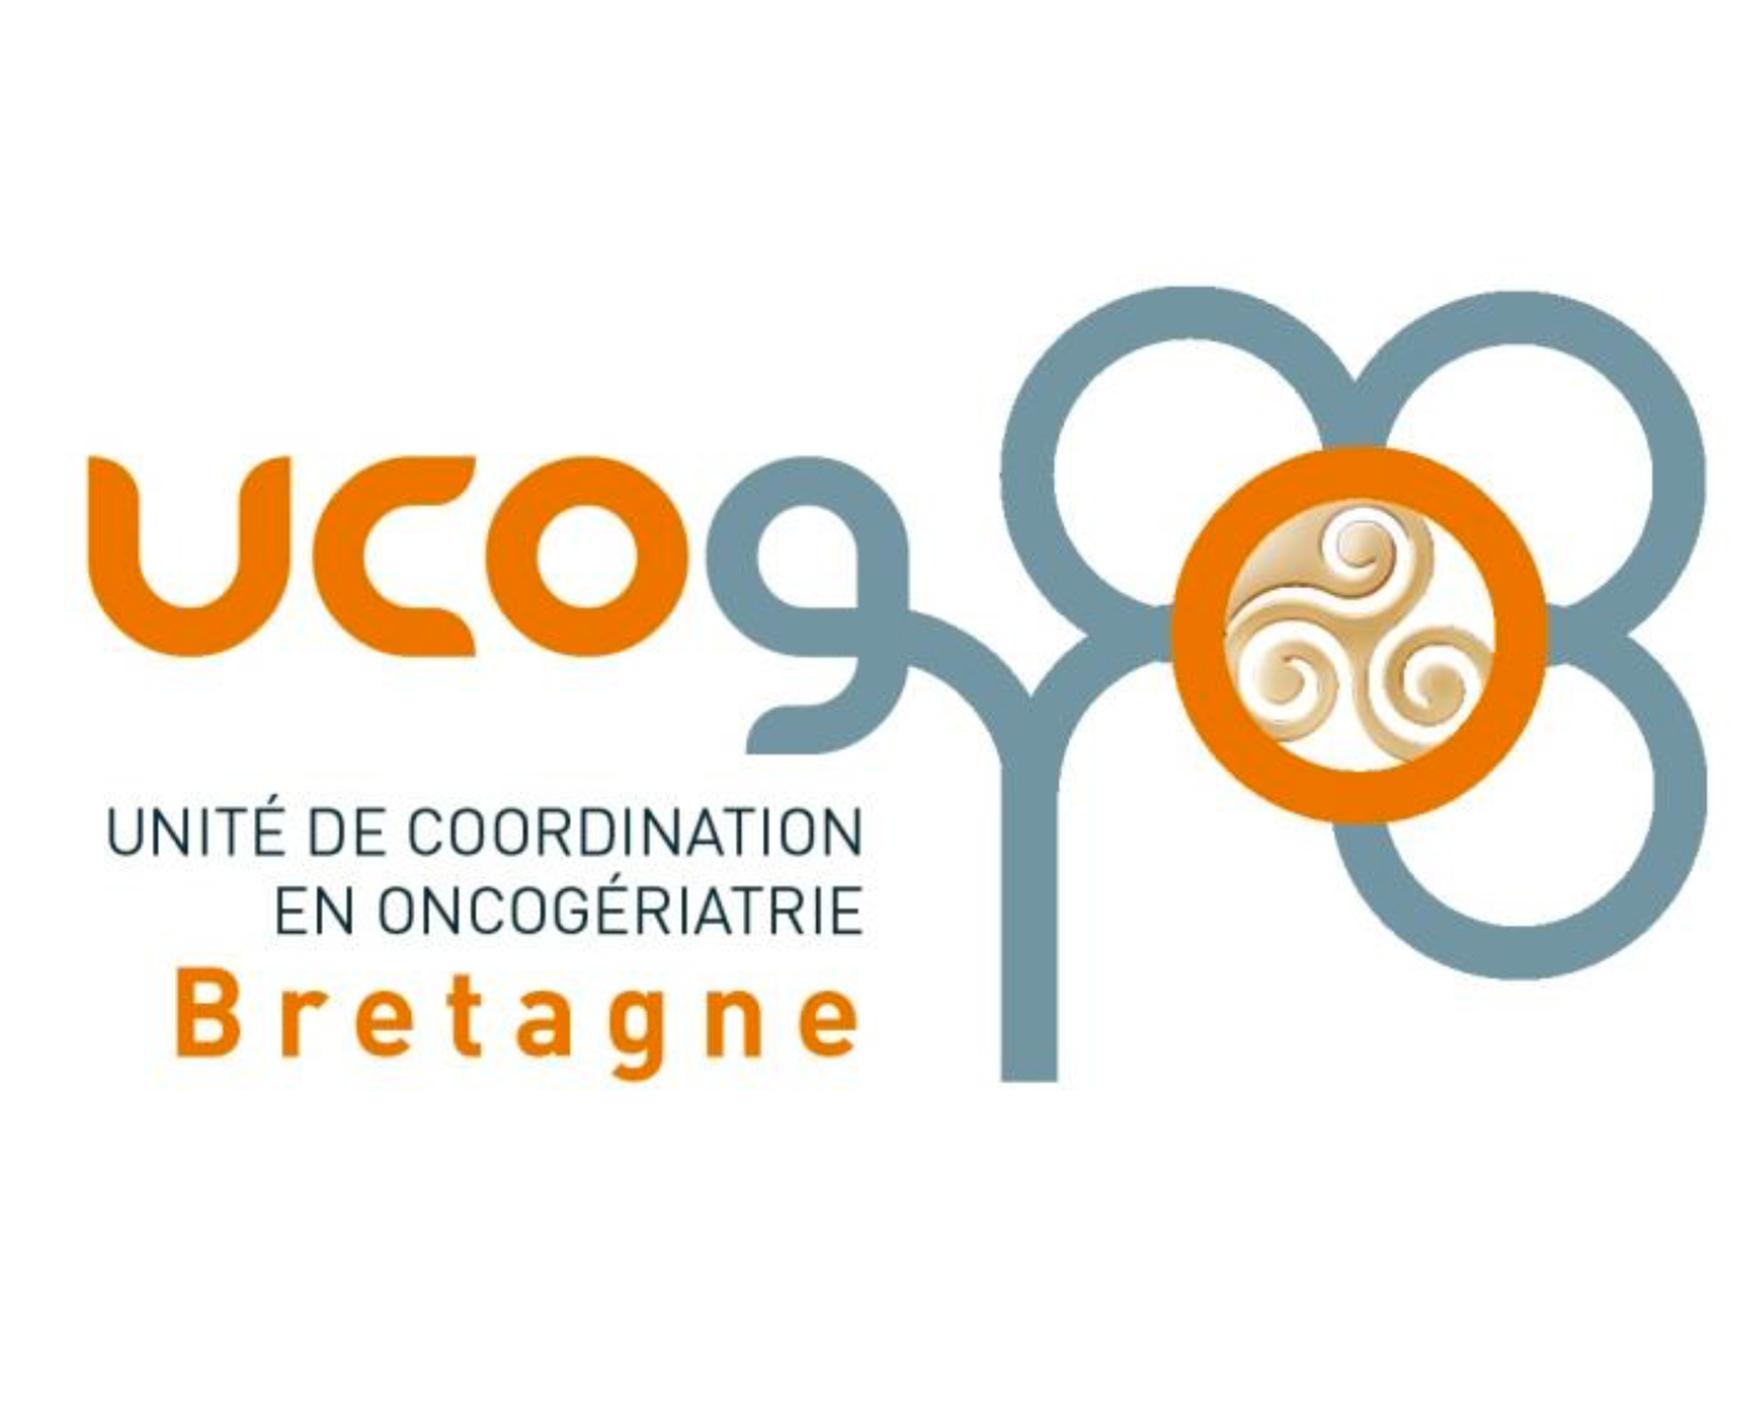 L'UCOG Bretagne a le plaisir de vous inviter au 7ème congrès annuel d'oncogériatrie